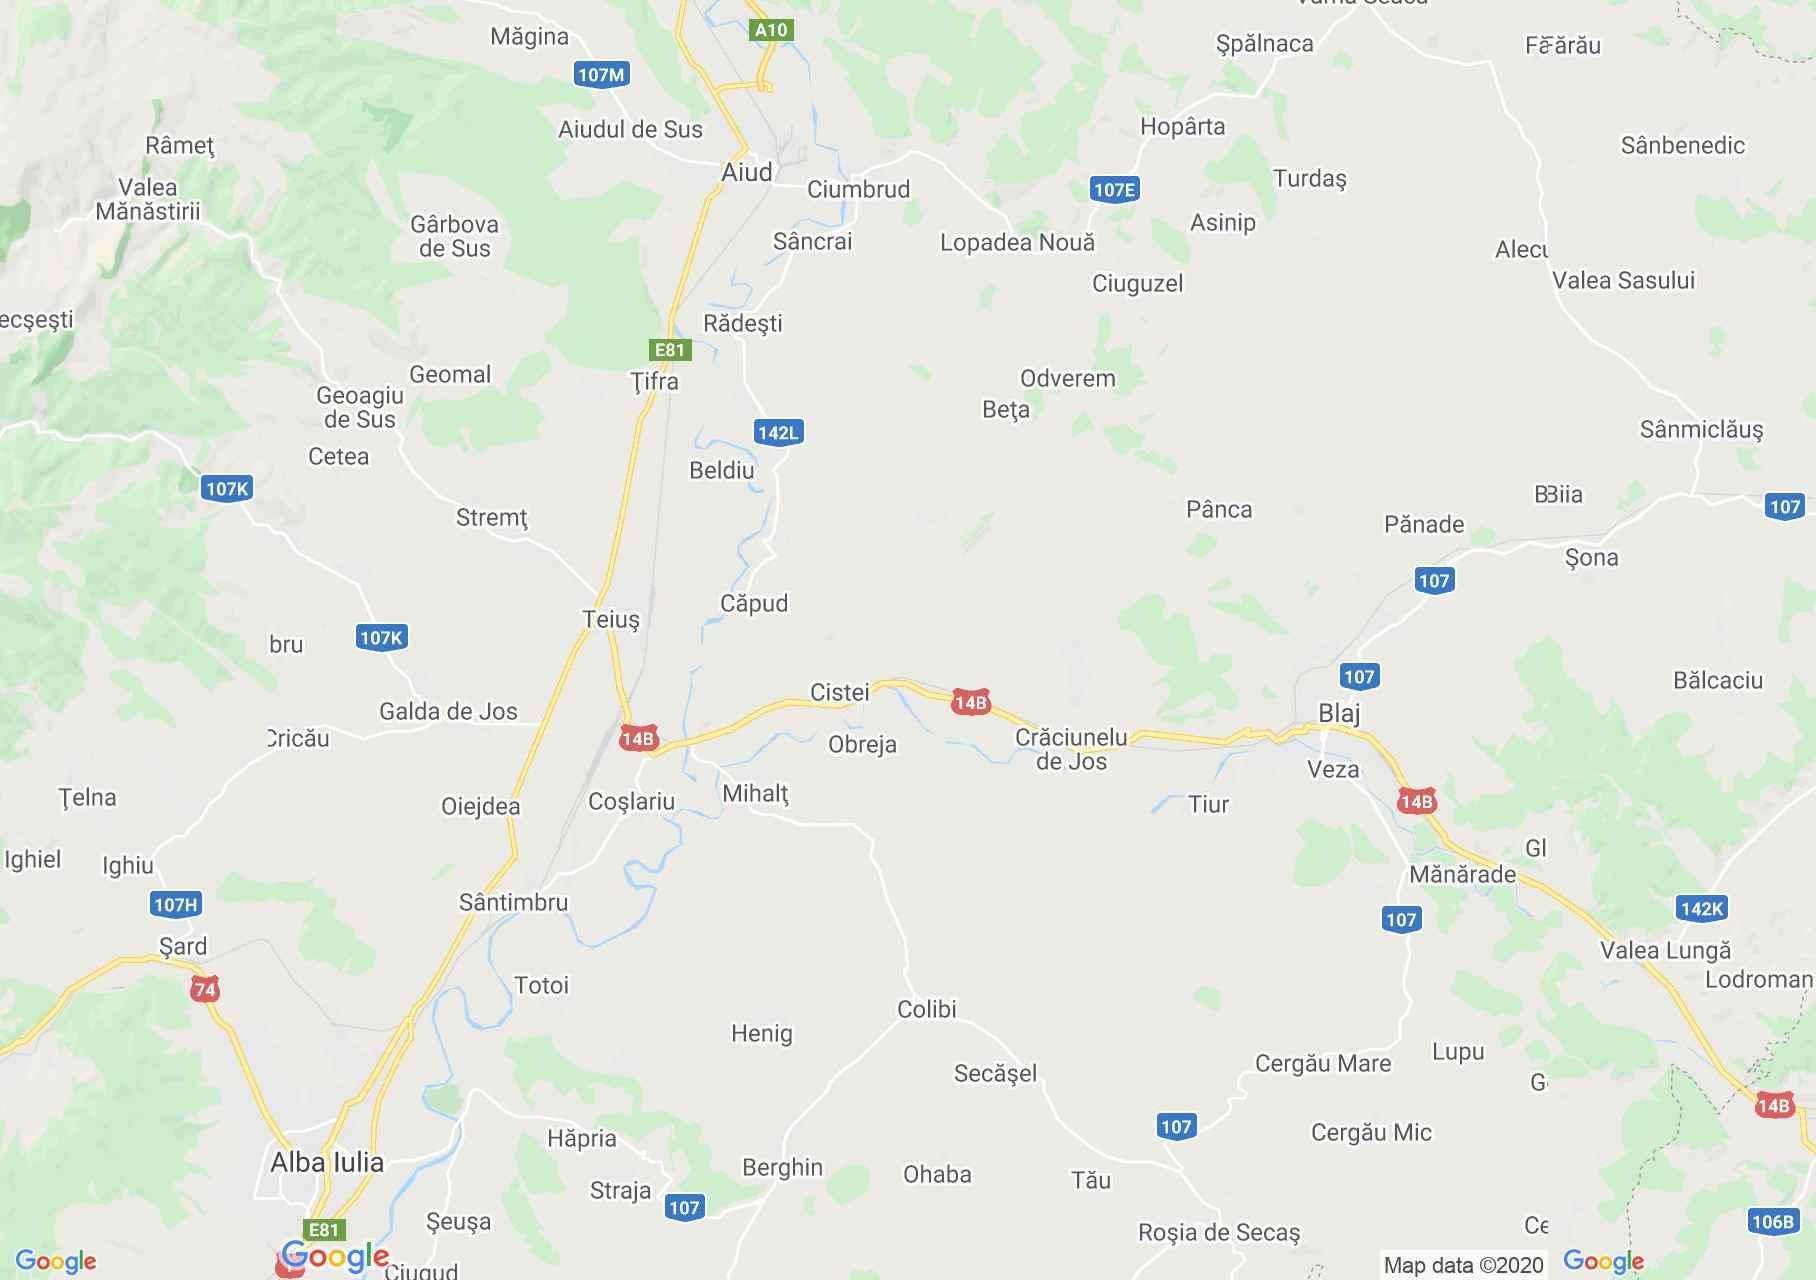 Zona Teiuş-Blaj, Harta turistică interactivă